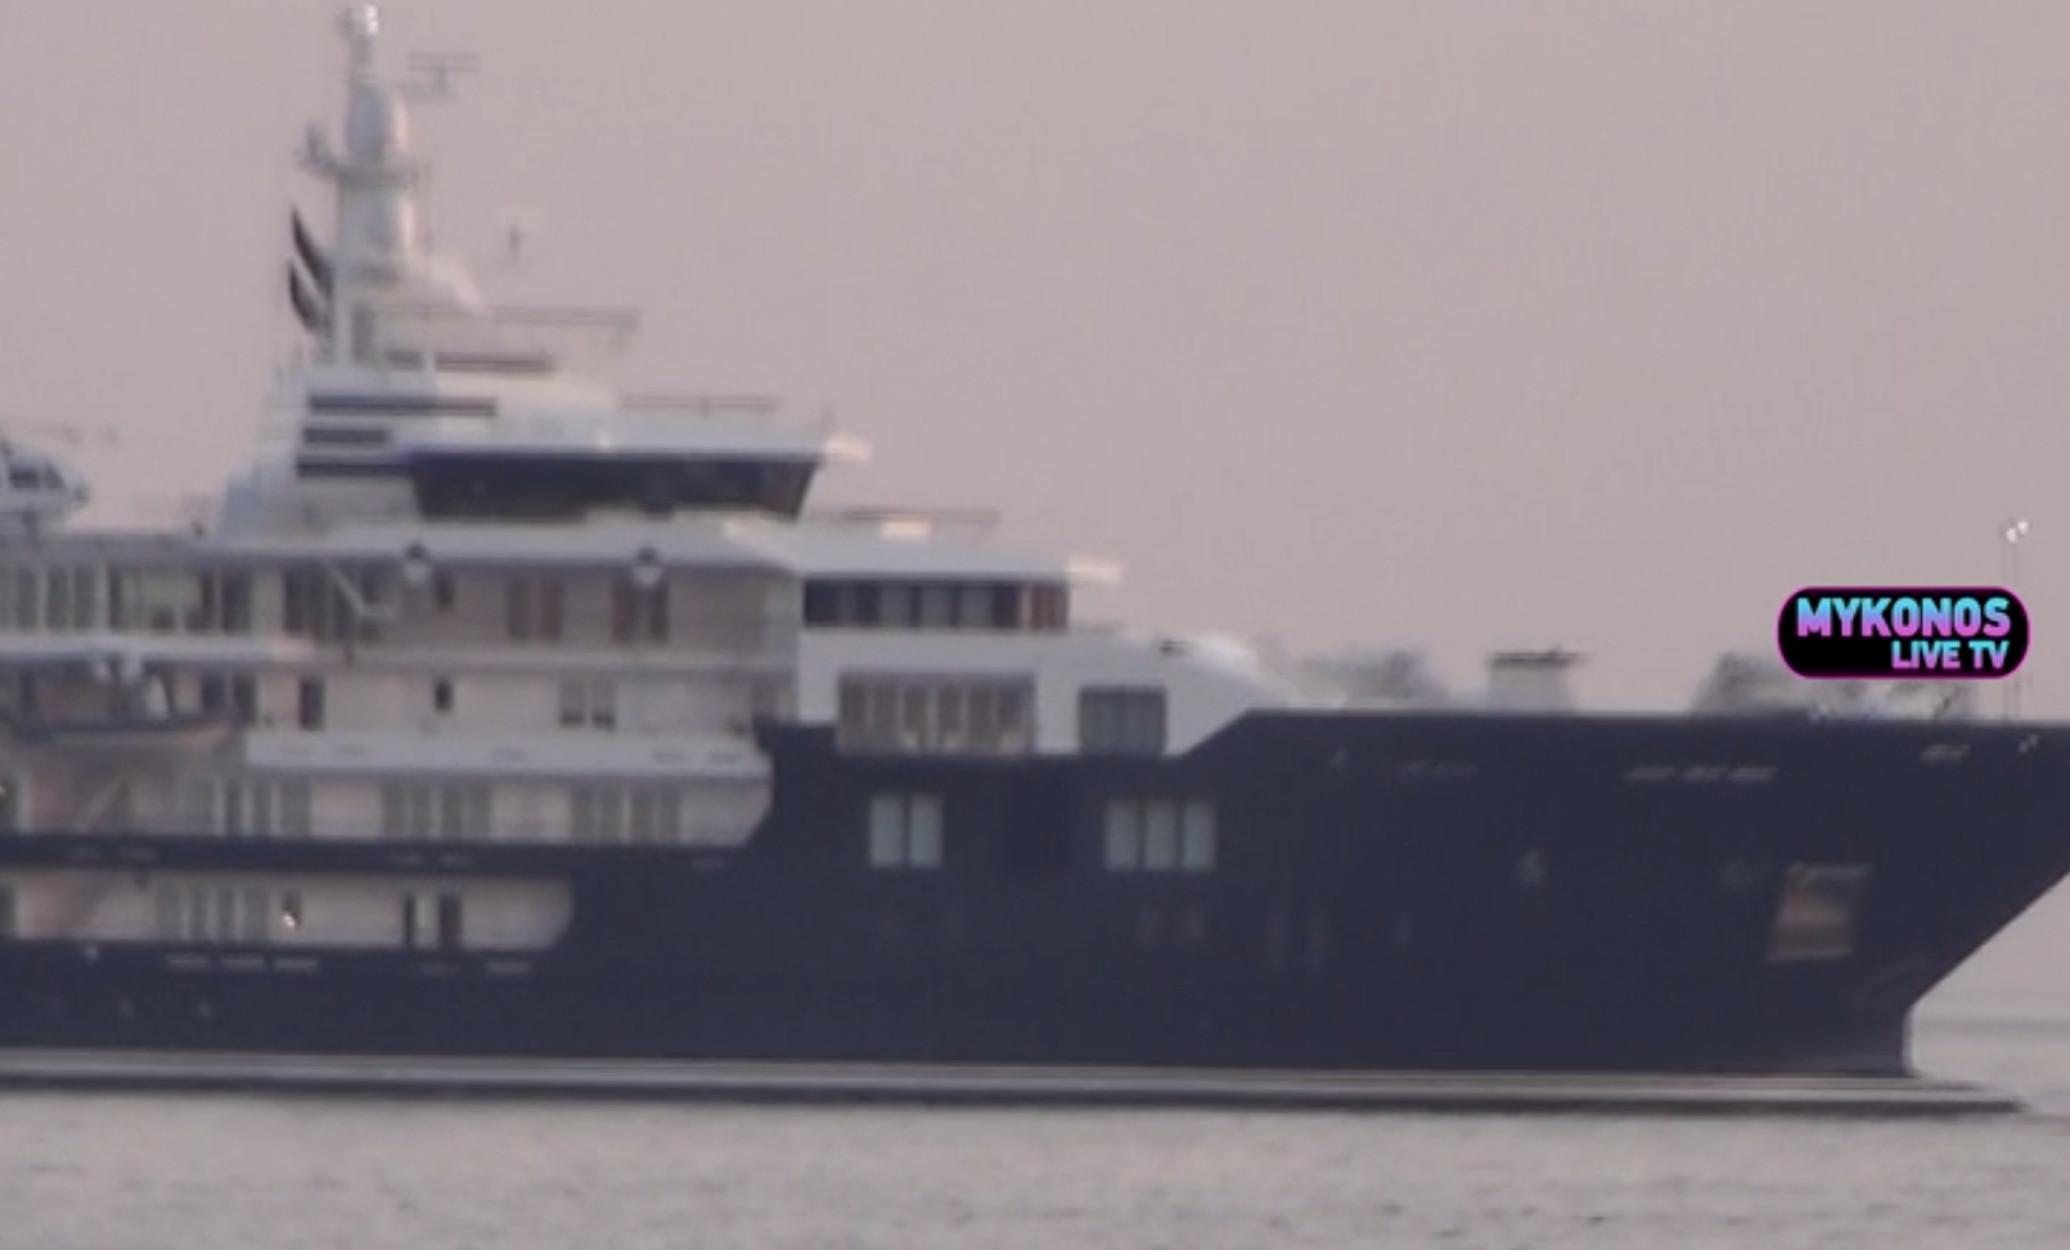 Στην Μύκονο το πλωτό παλάτι των 220 εκατ. ευρώ – Εικόνες χλιδής που προκαλούν ζάλη (video)